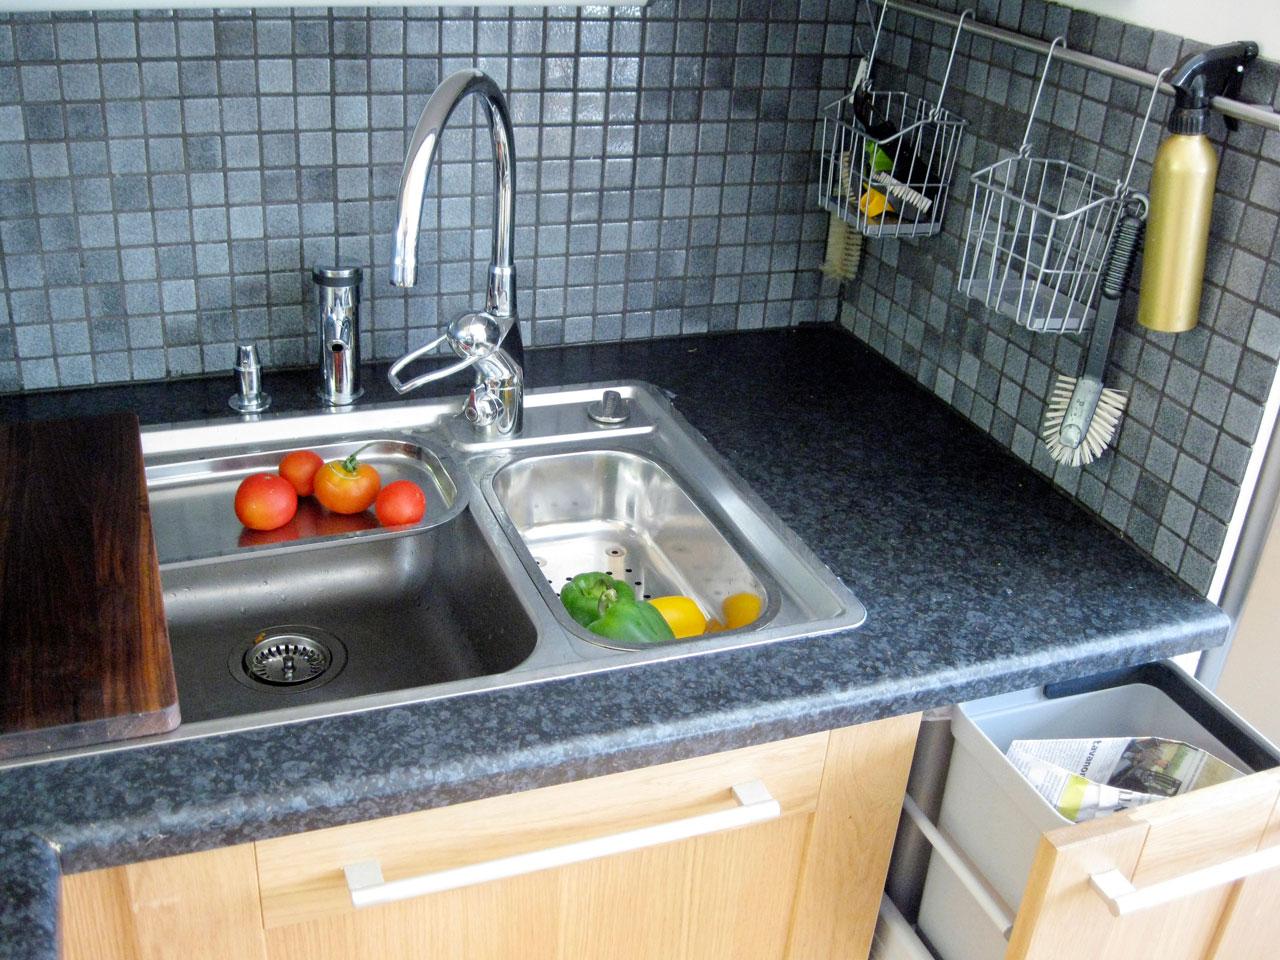 Kun keittiössä käytetään ahkerasti kasviksia, on tiskipöytä keittiön ehdoton ydin. Blancon pöytään kuuluu vakiona kaatoaltaaseen ja isoon altaaseen sovitettava lävikkö ja teräslautanen sekä päälle liukuva leikkuulauta, mistä on kätevä vetää viipaloidut kasvikset suoraan vaikka pannulle. Pohjatulpan sulkuhanikka pöytätasossa on hintansa arvoinen. Kompostiastia välittömässä läheisyydessä säästää monelta turhalta leikkuujätteiden siirtelyltä paikasta toiseen.